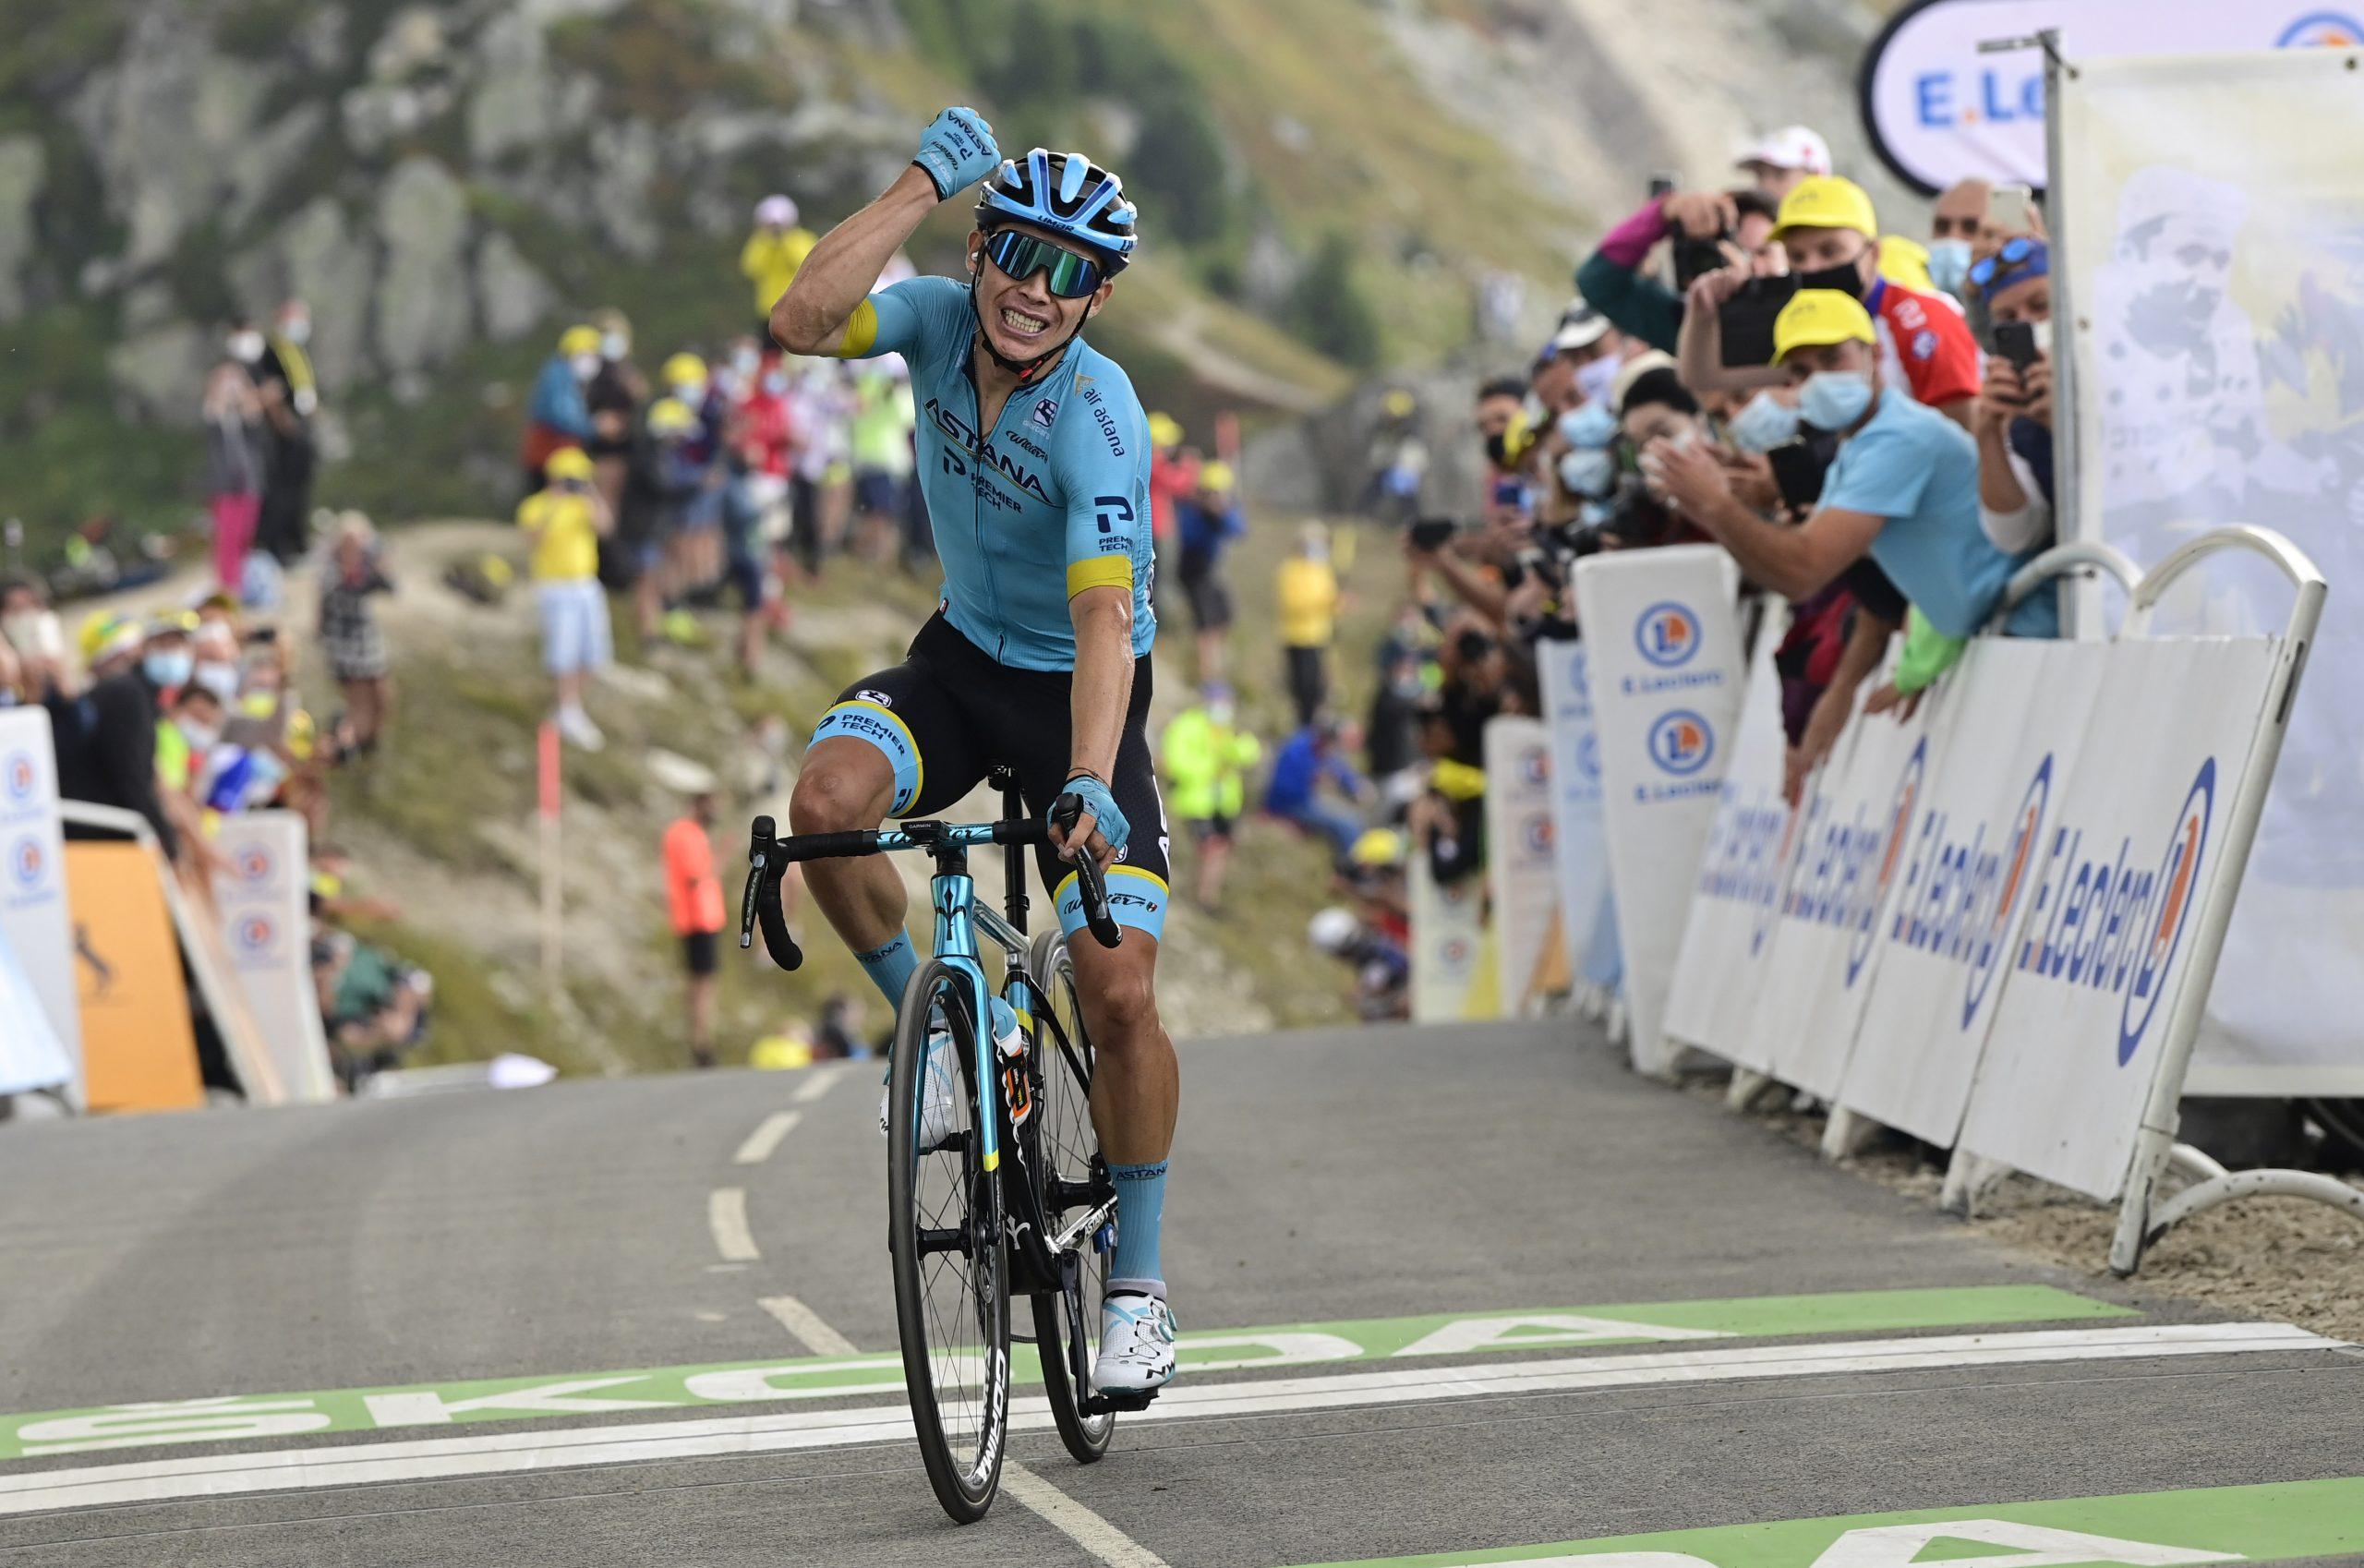 Spansk Tour-profil skifter team